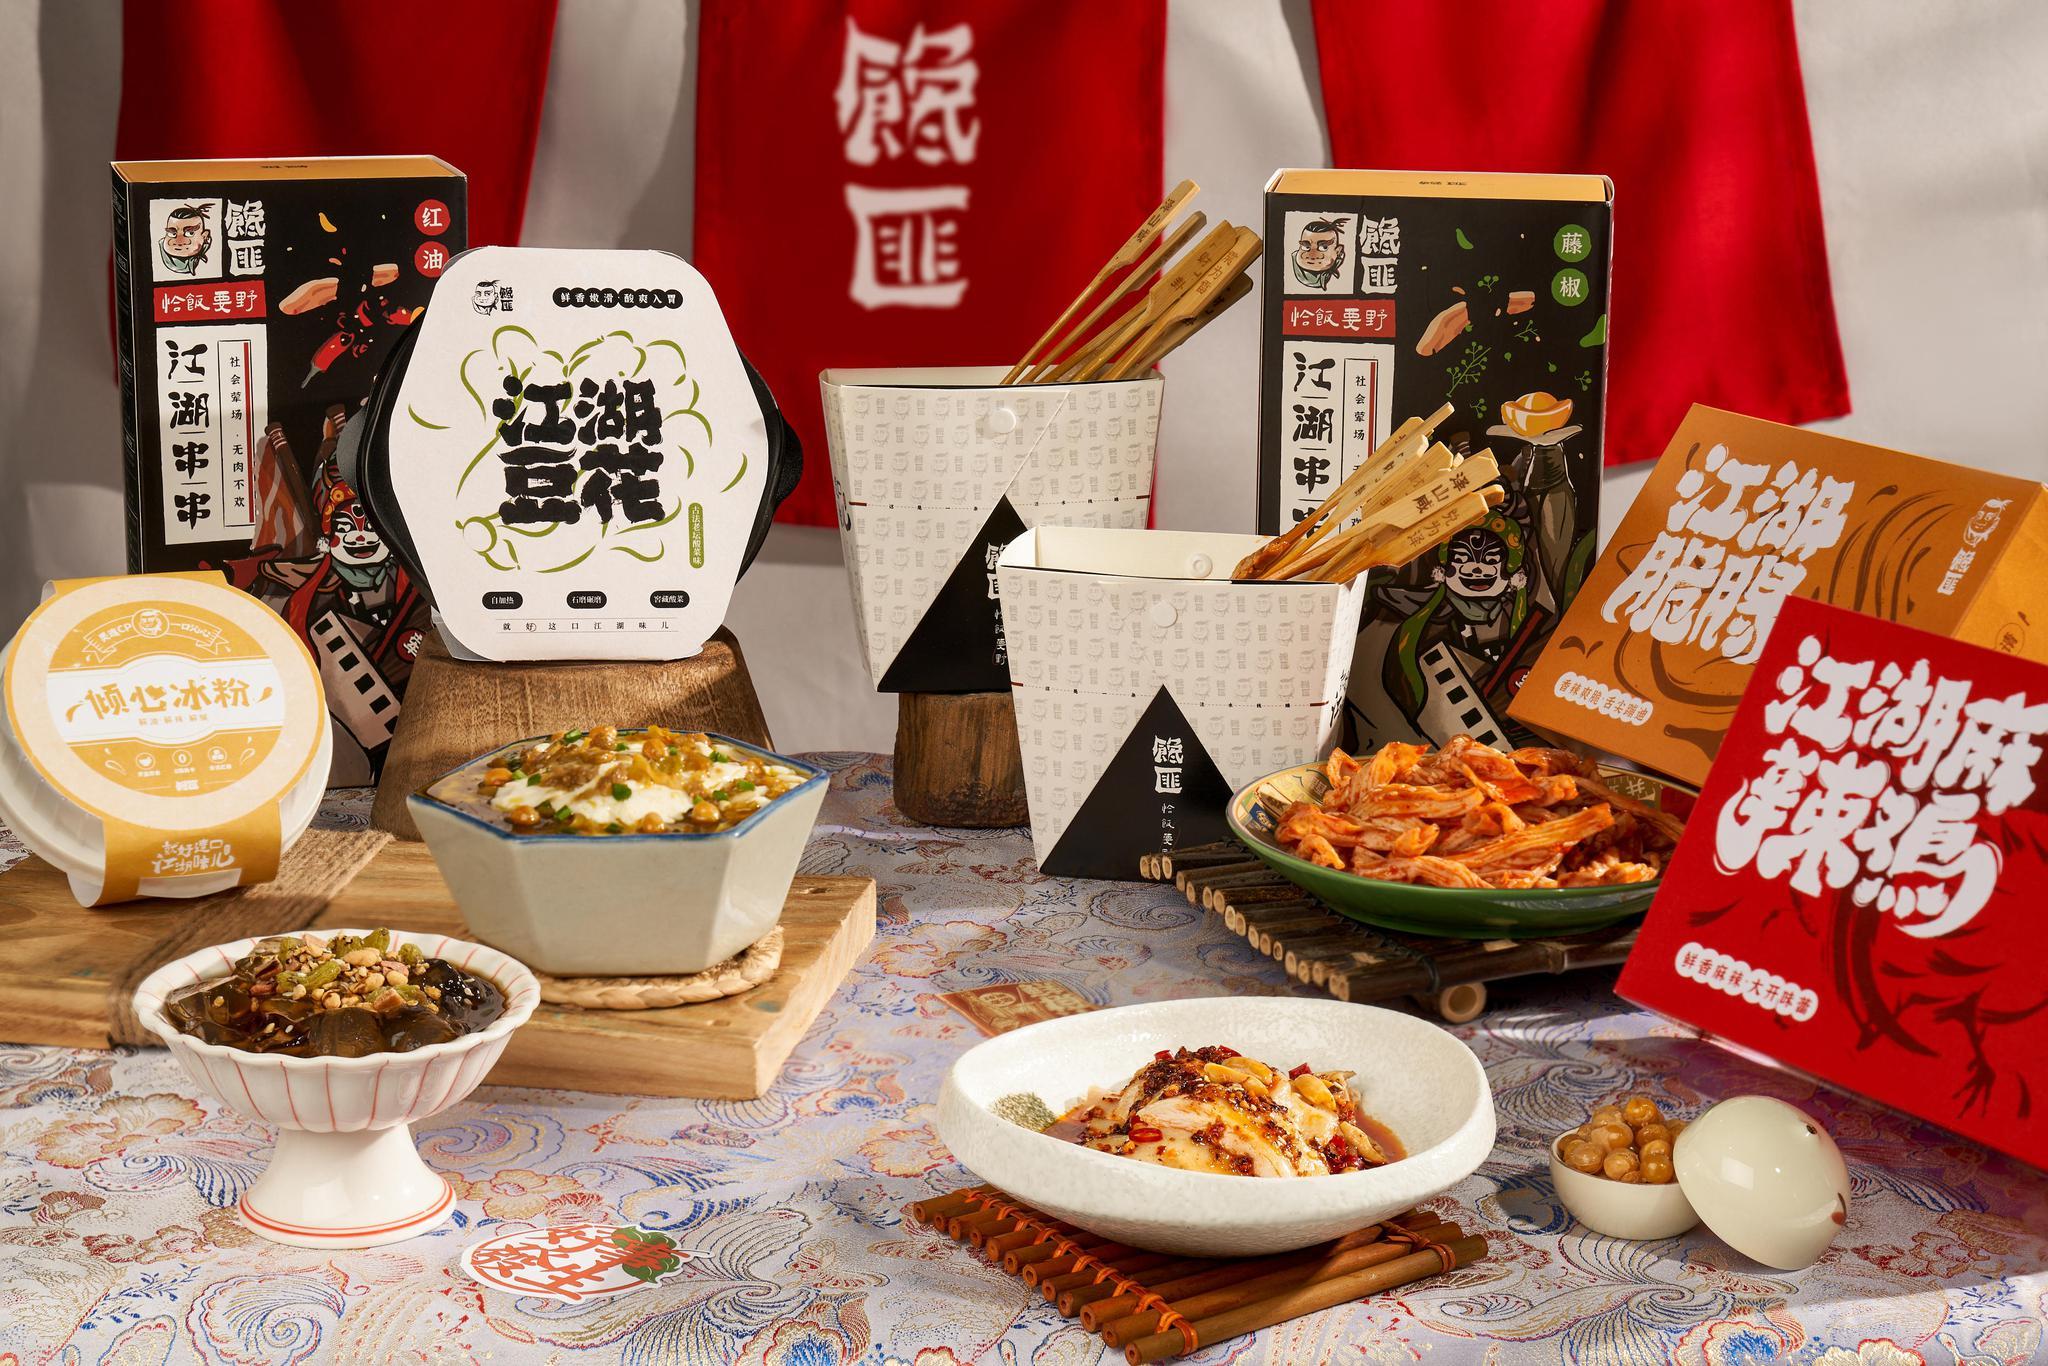 36氪首发 | 将川渝等地方特色小吃搬到线上,「馋匪」完成千万级人民币天使轮融资